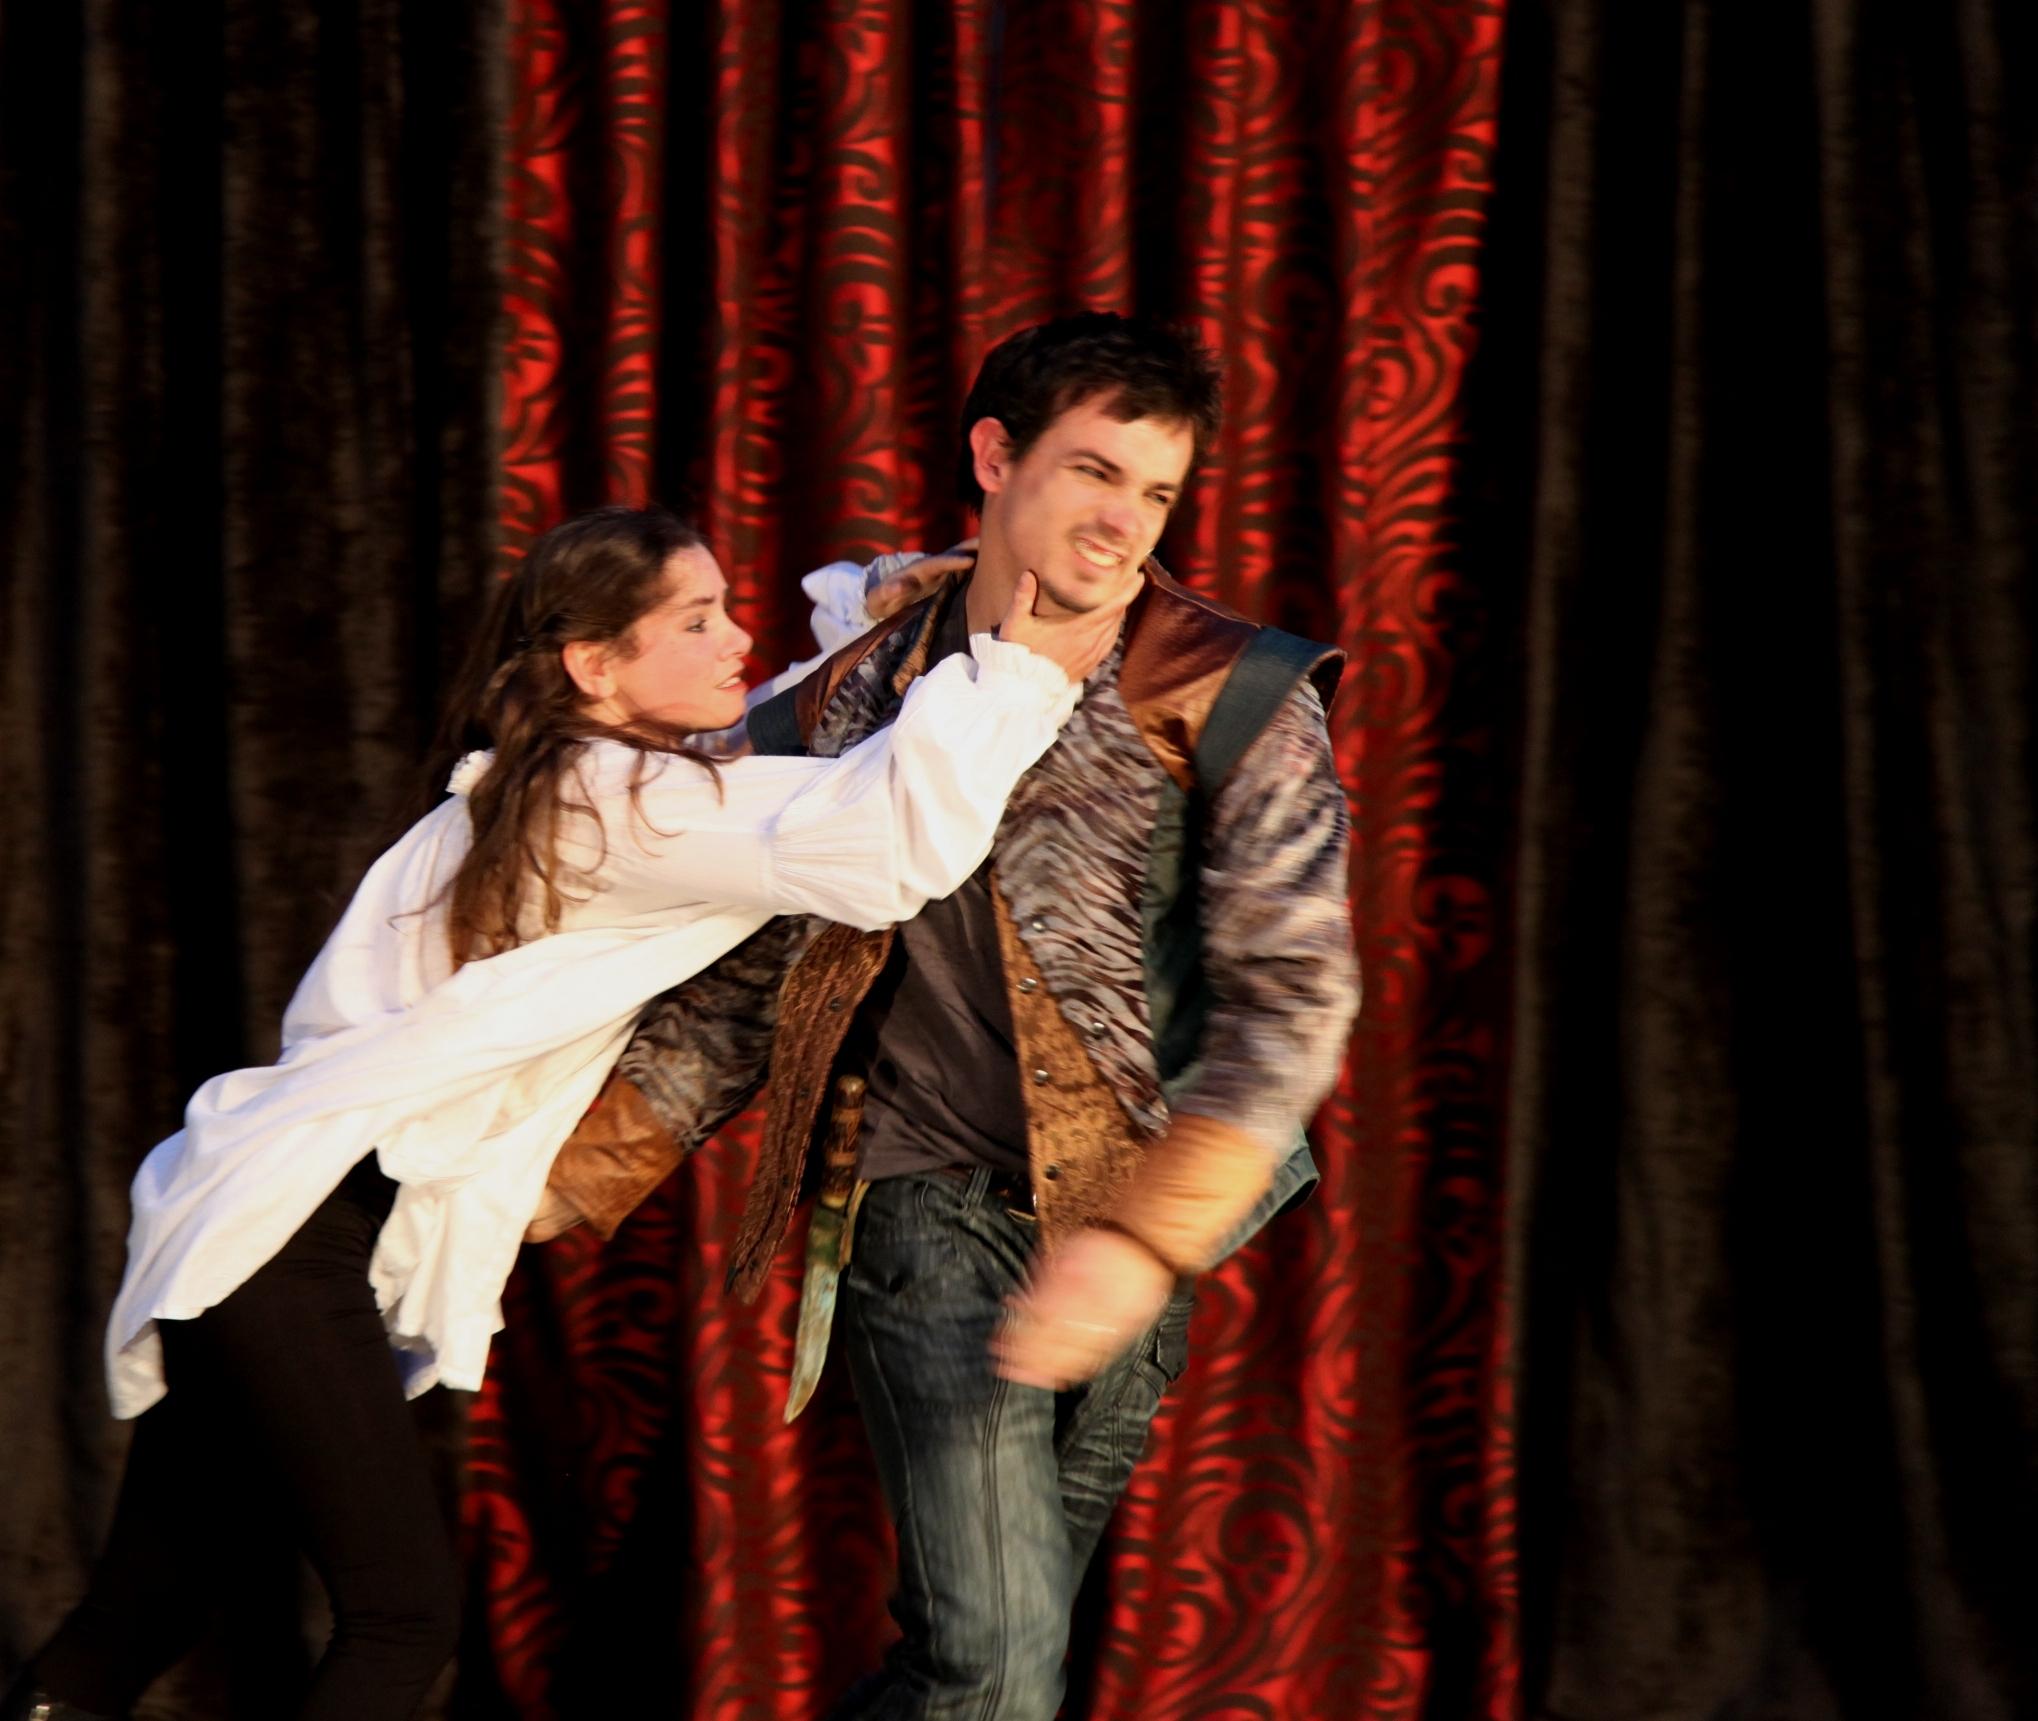 Roméo et Juliette, Compagnie dell improvviso